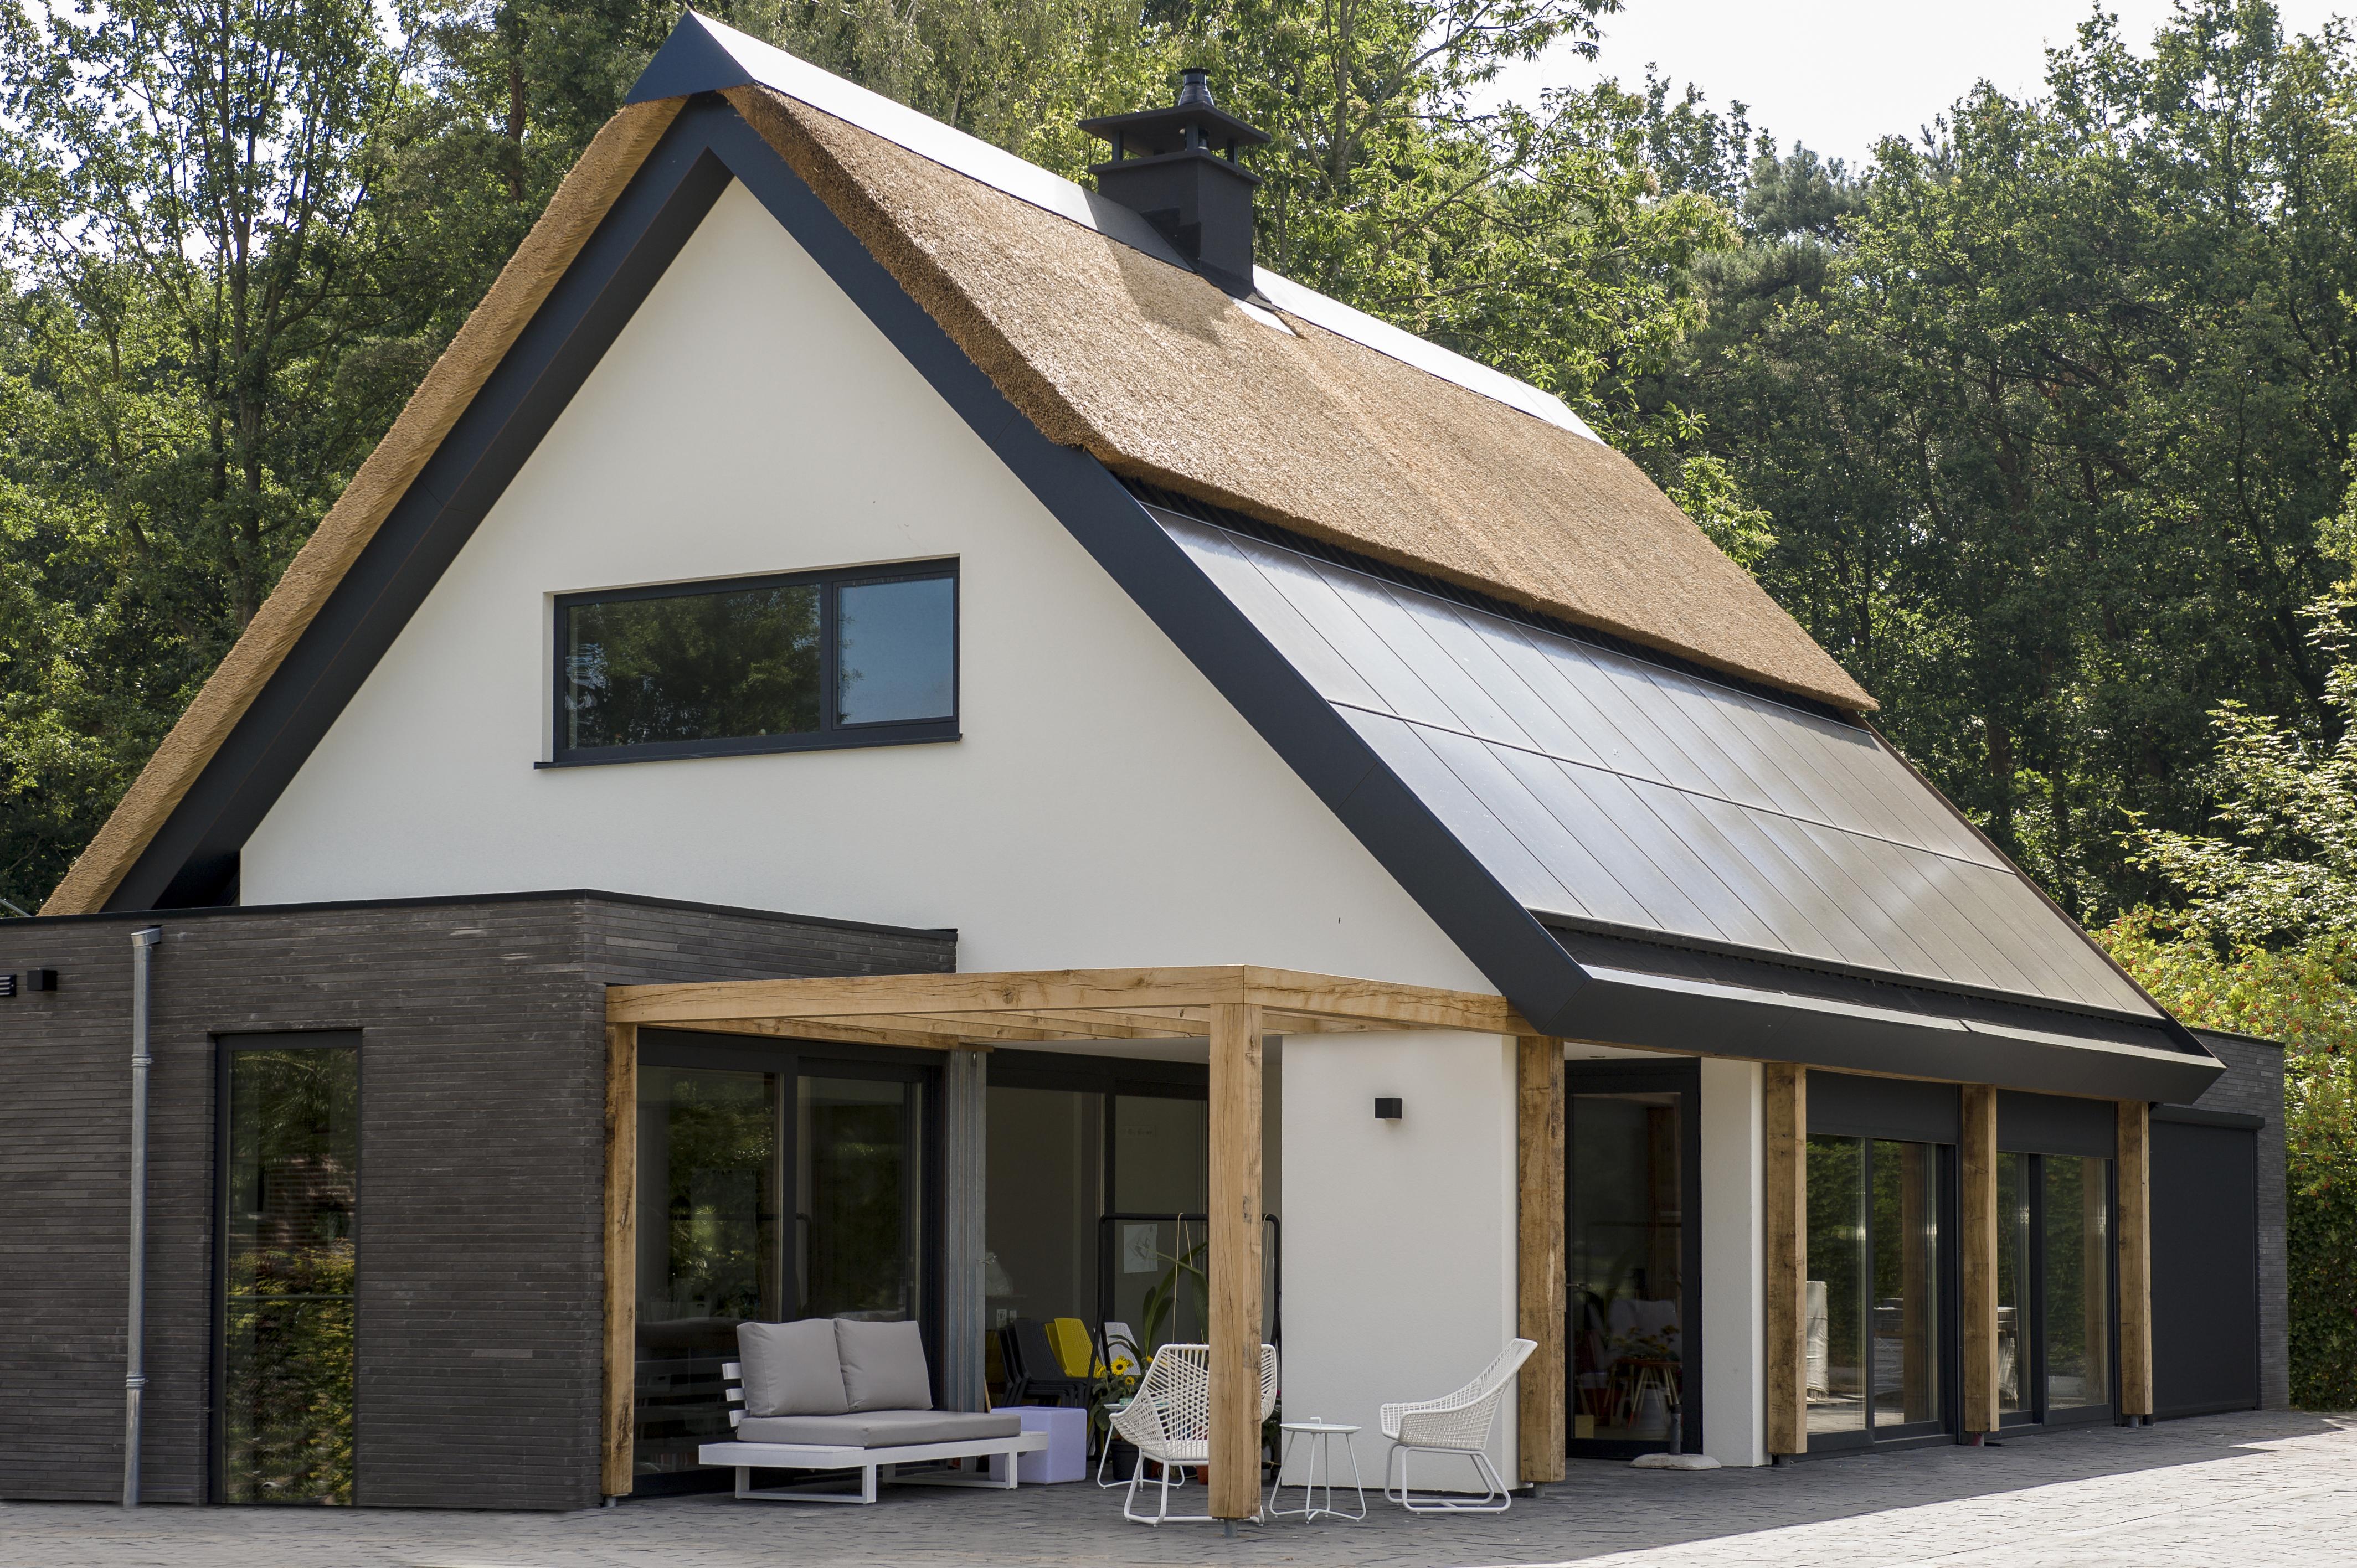 Ideale positie zonnepanelen: hoe bepaalt een architect de plaats van mijn zonnepanelen?